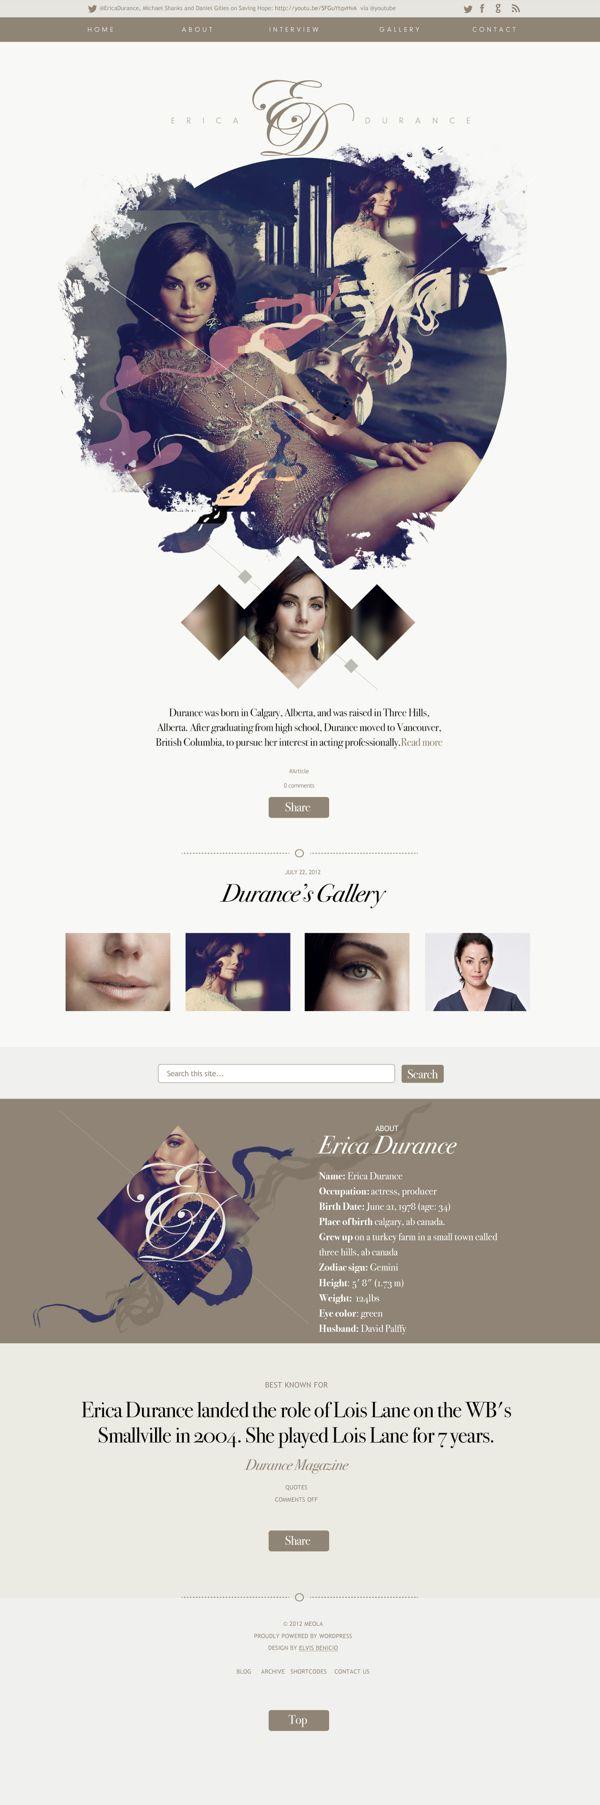 Erica Durance - Website | #it #web #design #layout #userinterface #website #webdesign <<< repinned by www.BlickeDeeler.de Follow us on www.facebook.com/BlickeDeeler